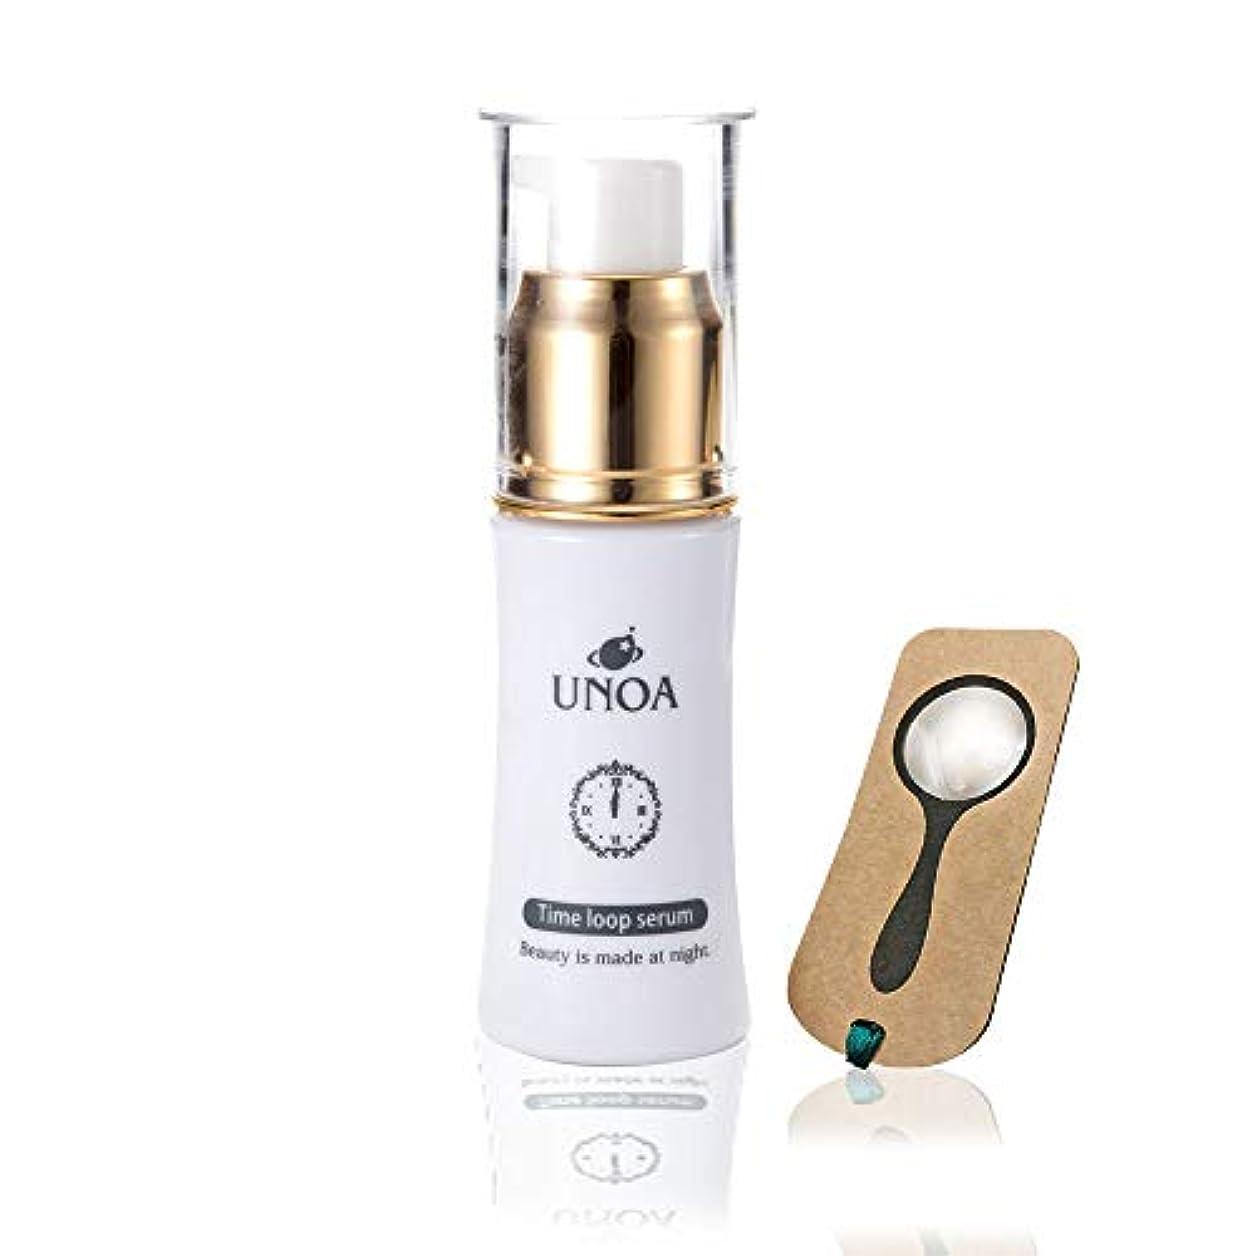 公コイル冷蔵するヒト幹細胞美容液「UNOAタイムループセラム」美容成分高配合 しおり型ルーペ付き